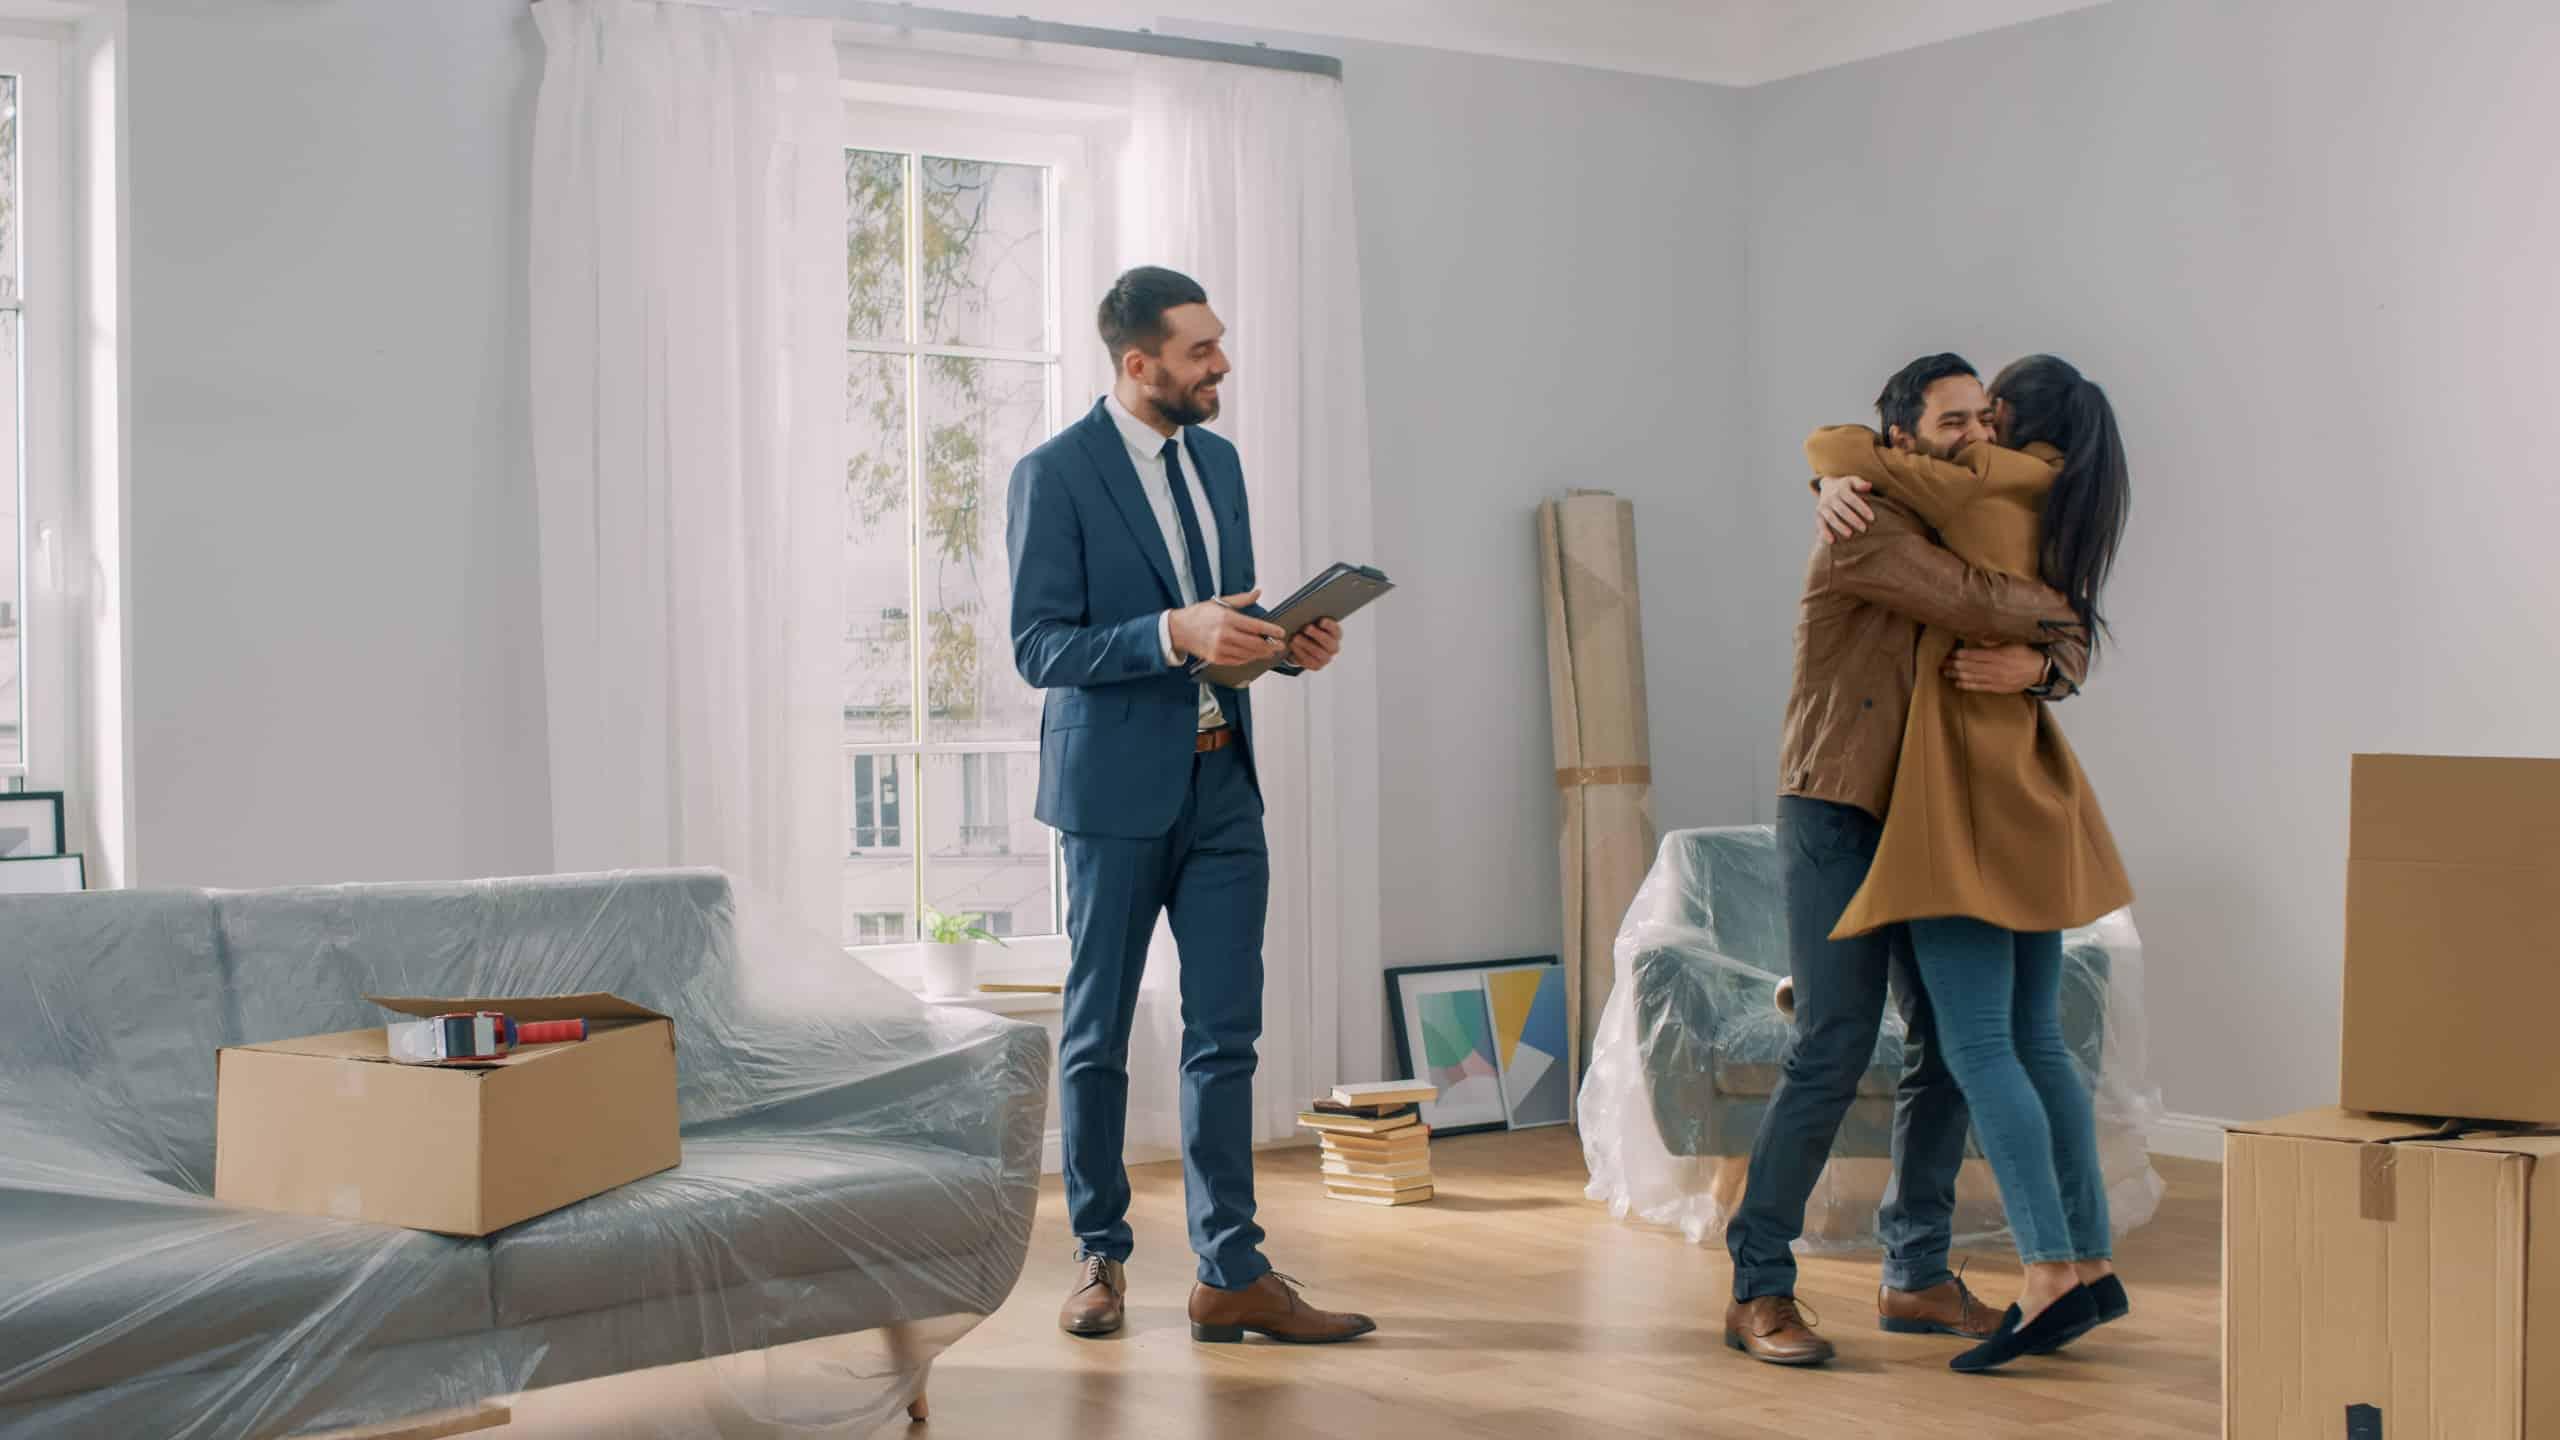 Journée type d'un agent immobilier